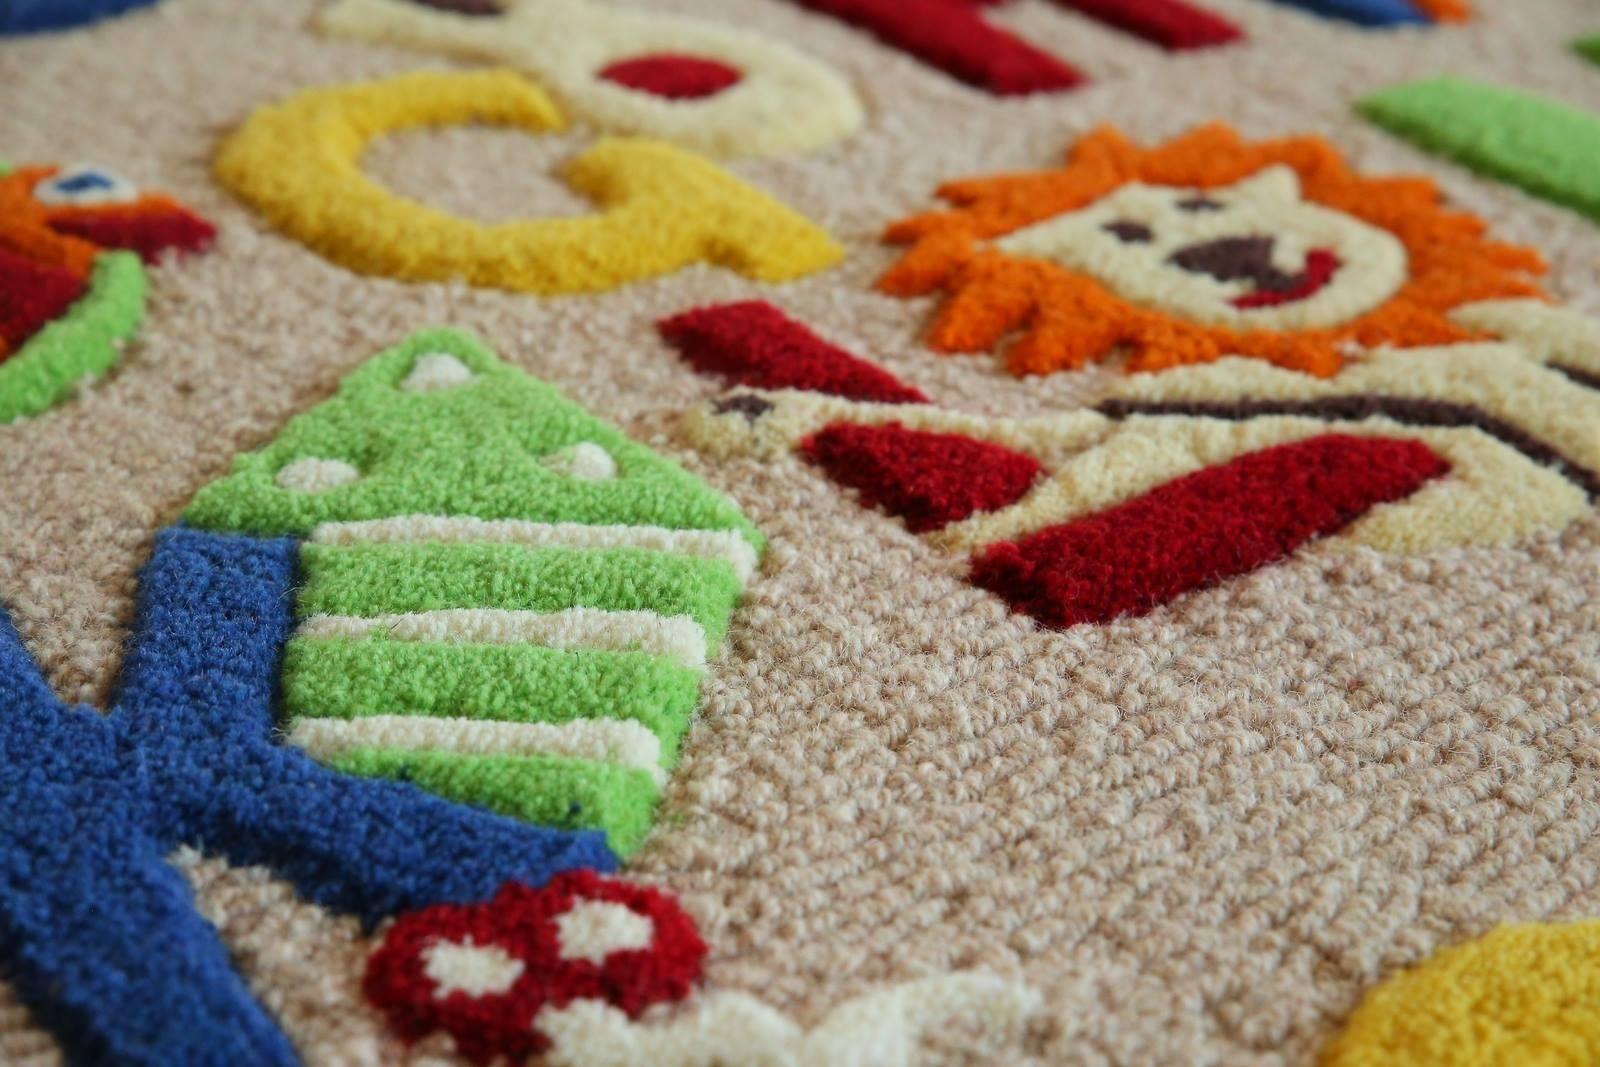 buy kids rug online, kids rugs, lion rug, animal kingdom rug, jungle safari rug, buy animal rugs for kids, kids lion rug, kids animal rugs, rugs for boys, littlelooms rugs, hand tufted rugs, handmade rugs, kids room rug rugs online, pink butterfly rug, butterfly cut out rug, girls butterfly rug, buy butterfly rug, colorful girls rugs, littlelooms rugs, hand tufted rugs, handmade rugs, rugs for kids room, kids bedroom rugs, playroom rugs